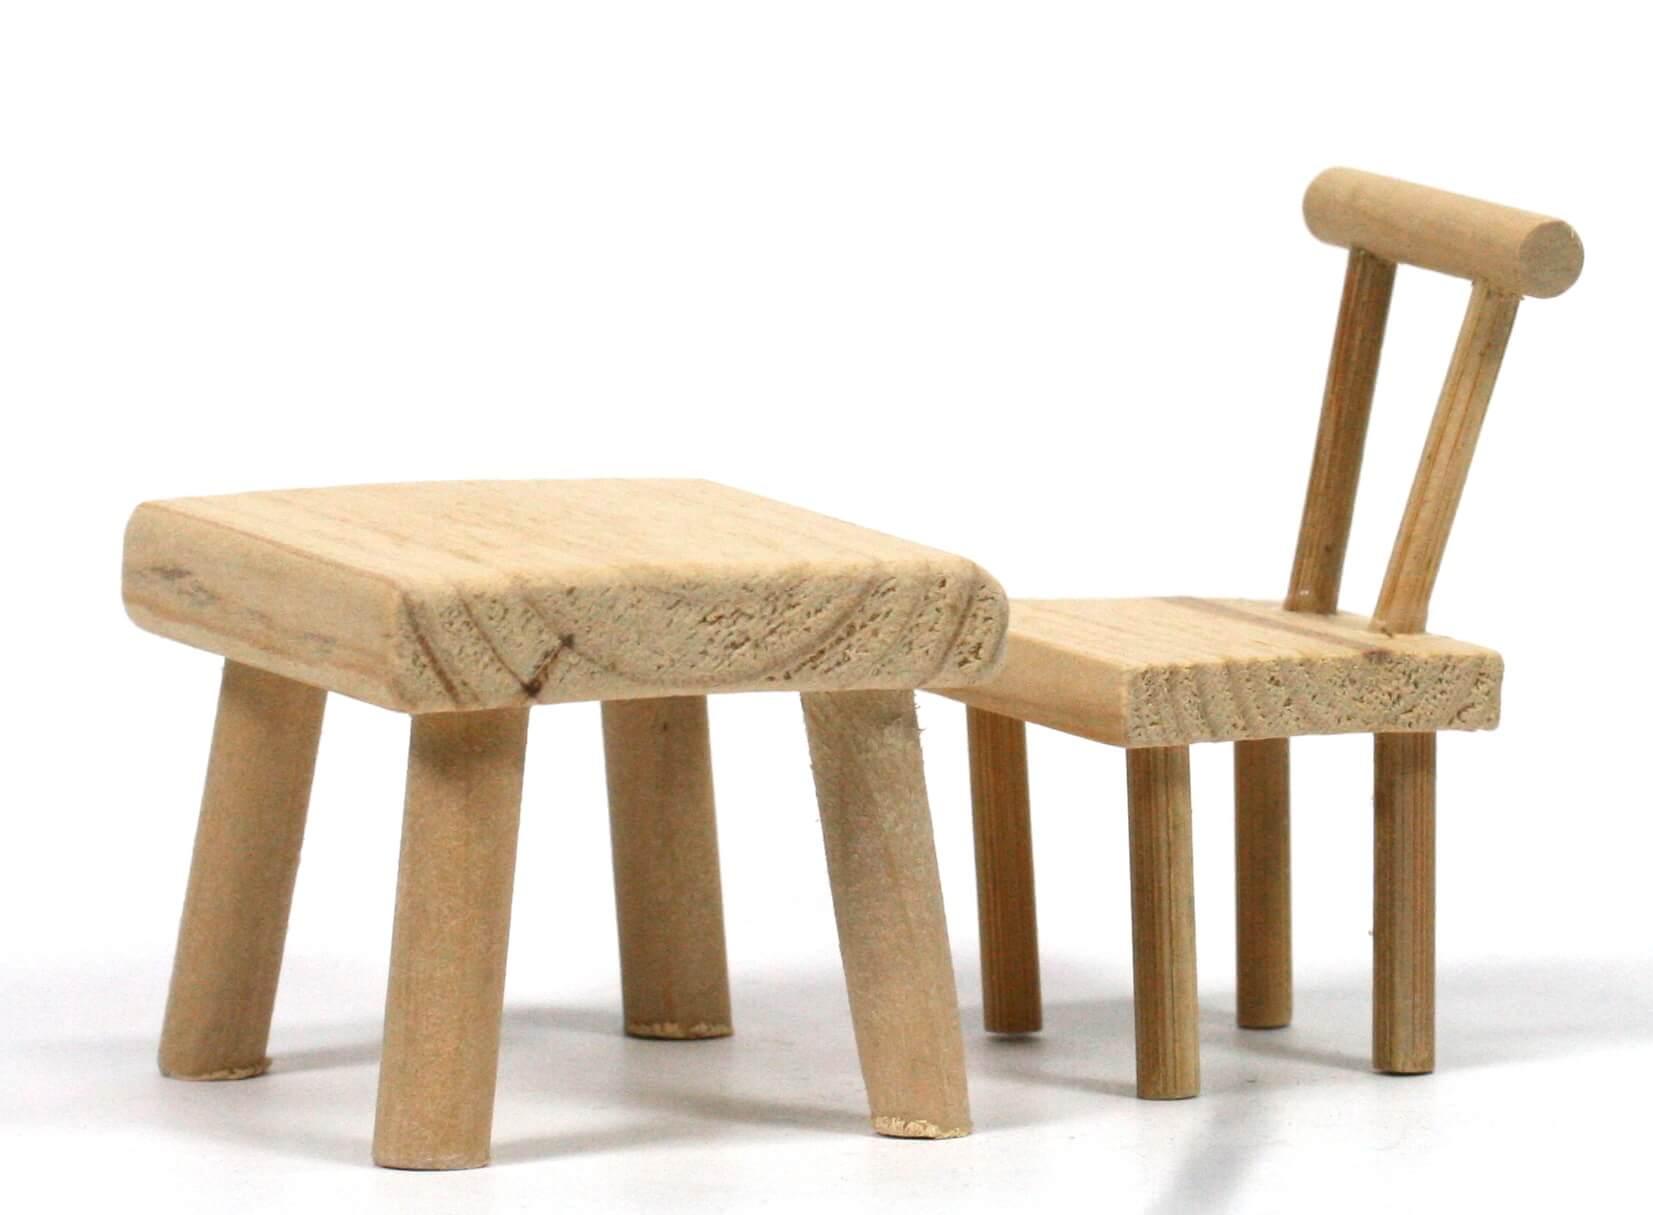 Krippenzubeh r tisch stuhl for Stuhl und tisch verleih